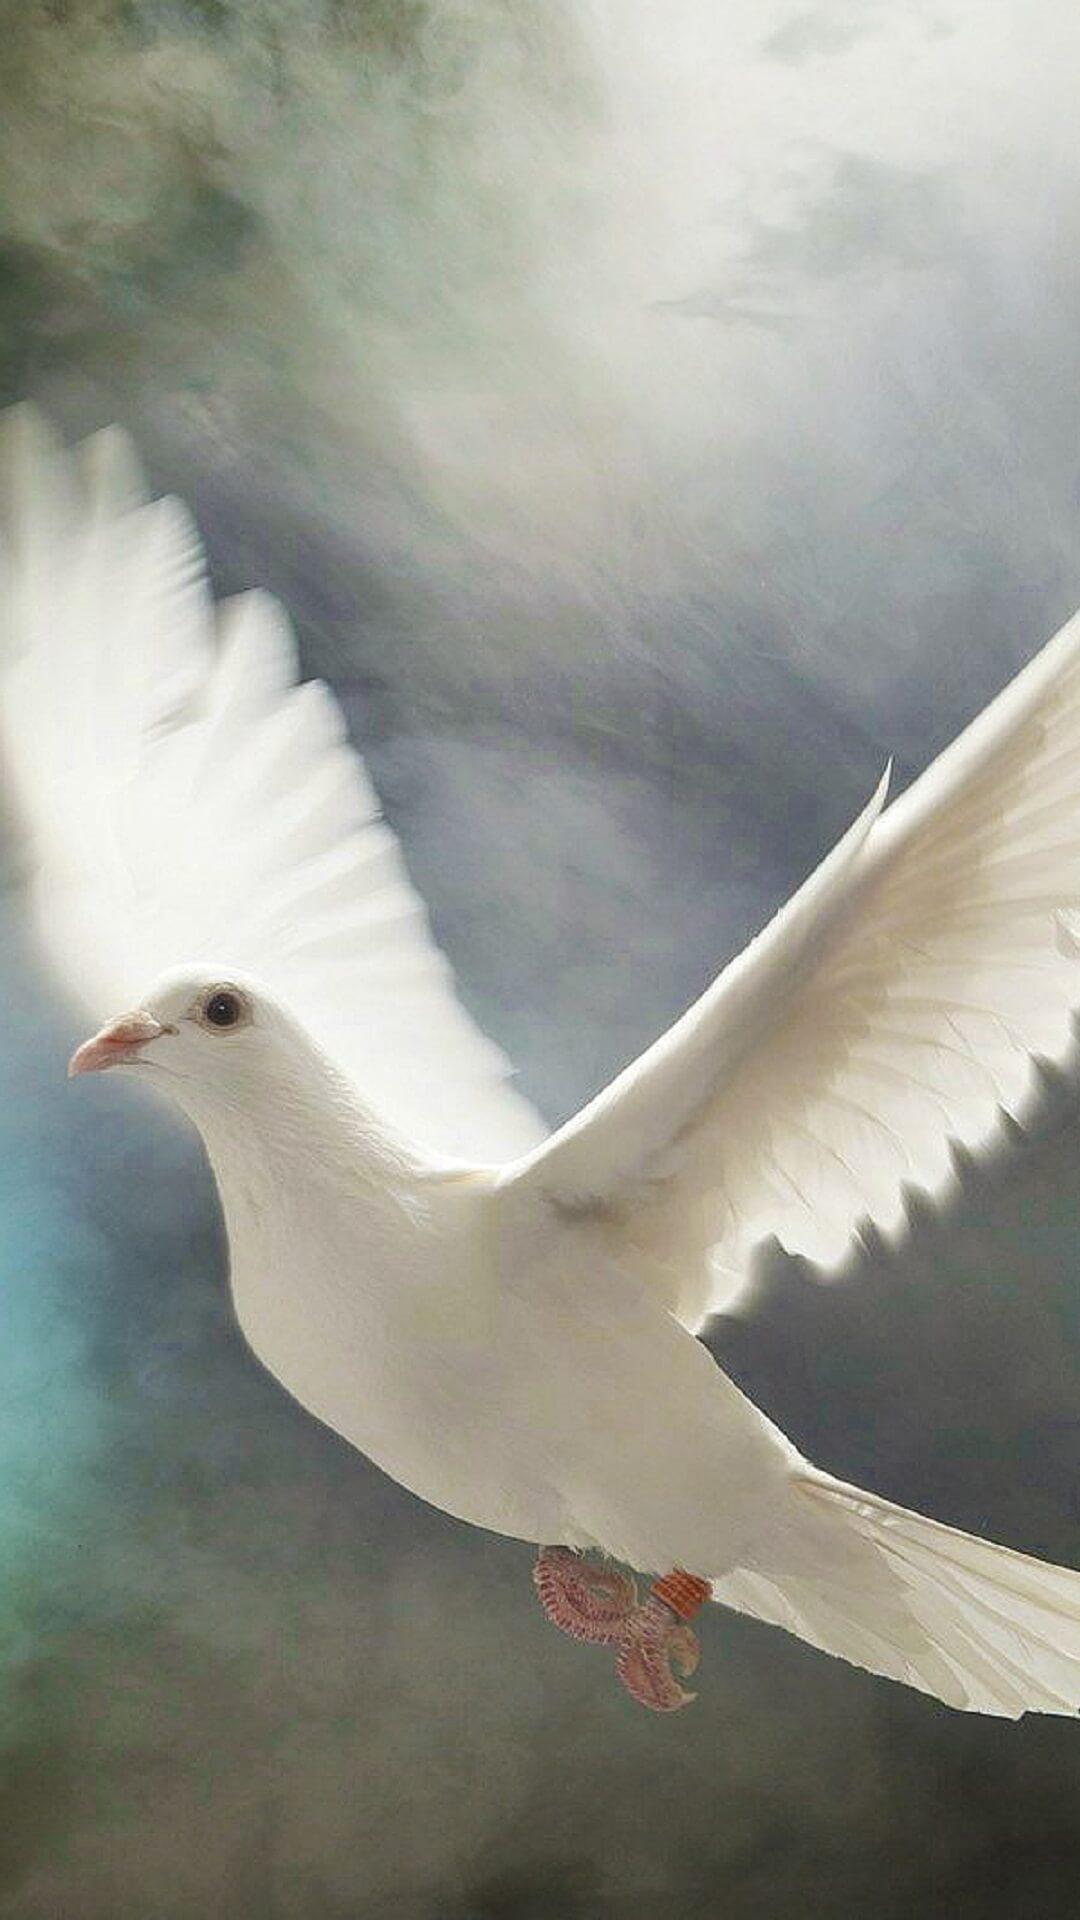 صور حمام طيور جميلة اجمل خلفيات طيور جارحة طيور جميلة 21